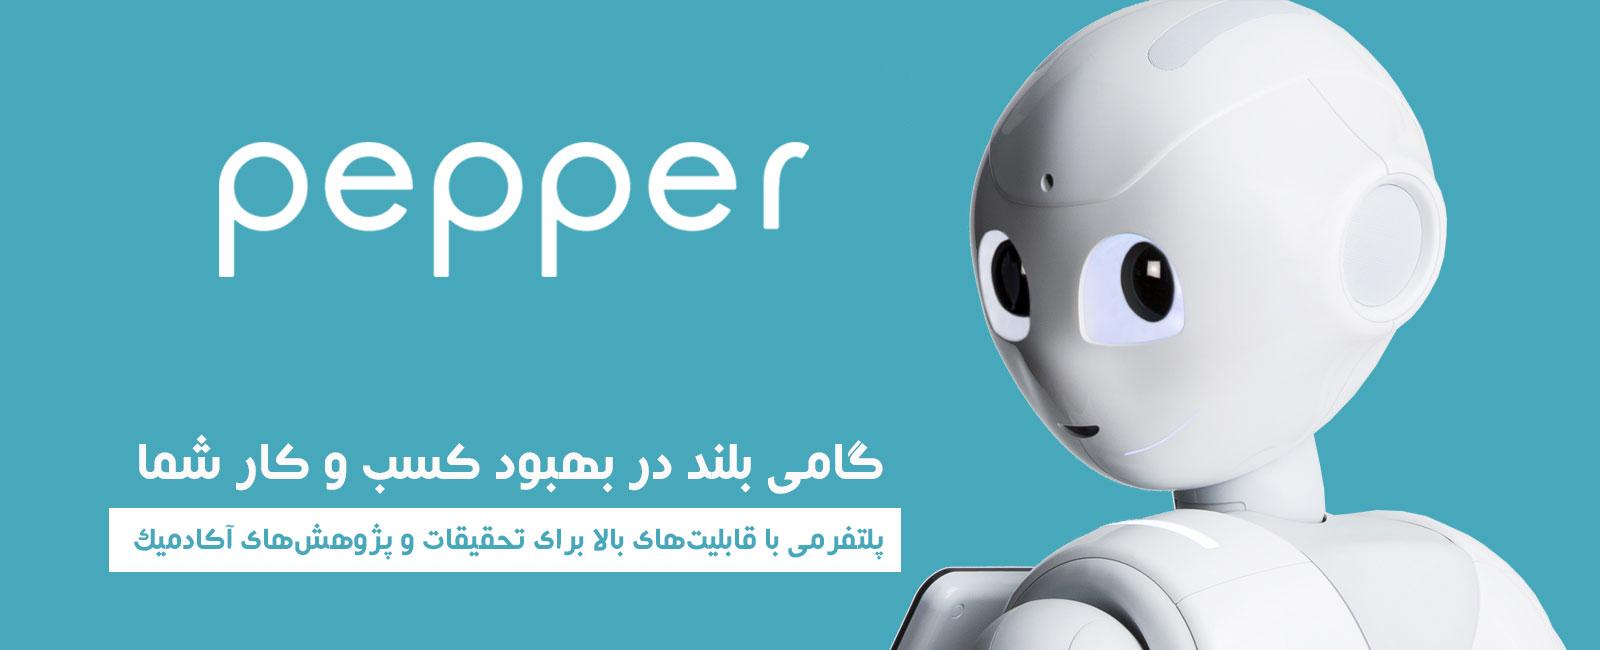 پپر یک ربات انسان نما، پیشرفته، اجتماعی و جذاب Pepper